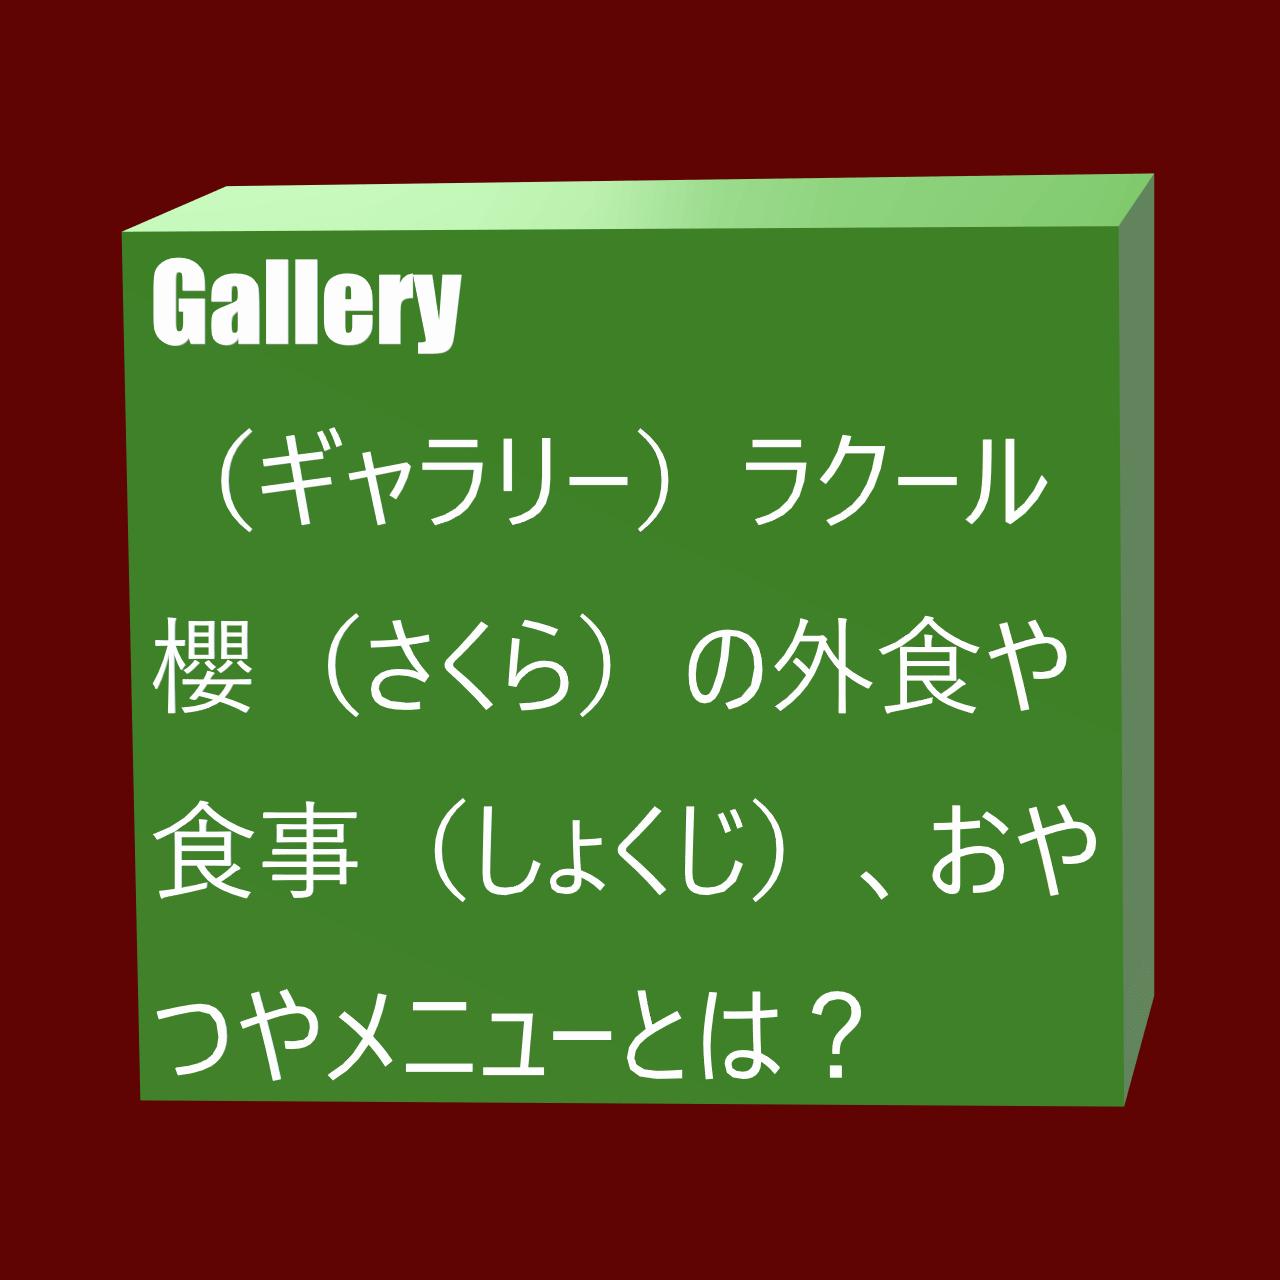 Gallery(ギャラリー) ラクール櫻(さくら)の外食や食事(しょくじ)、おやつやメニューとは?にかかる画像(がぞう)